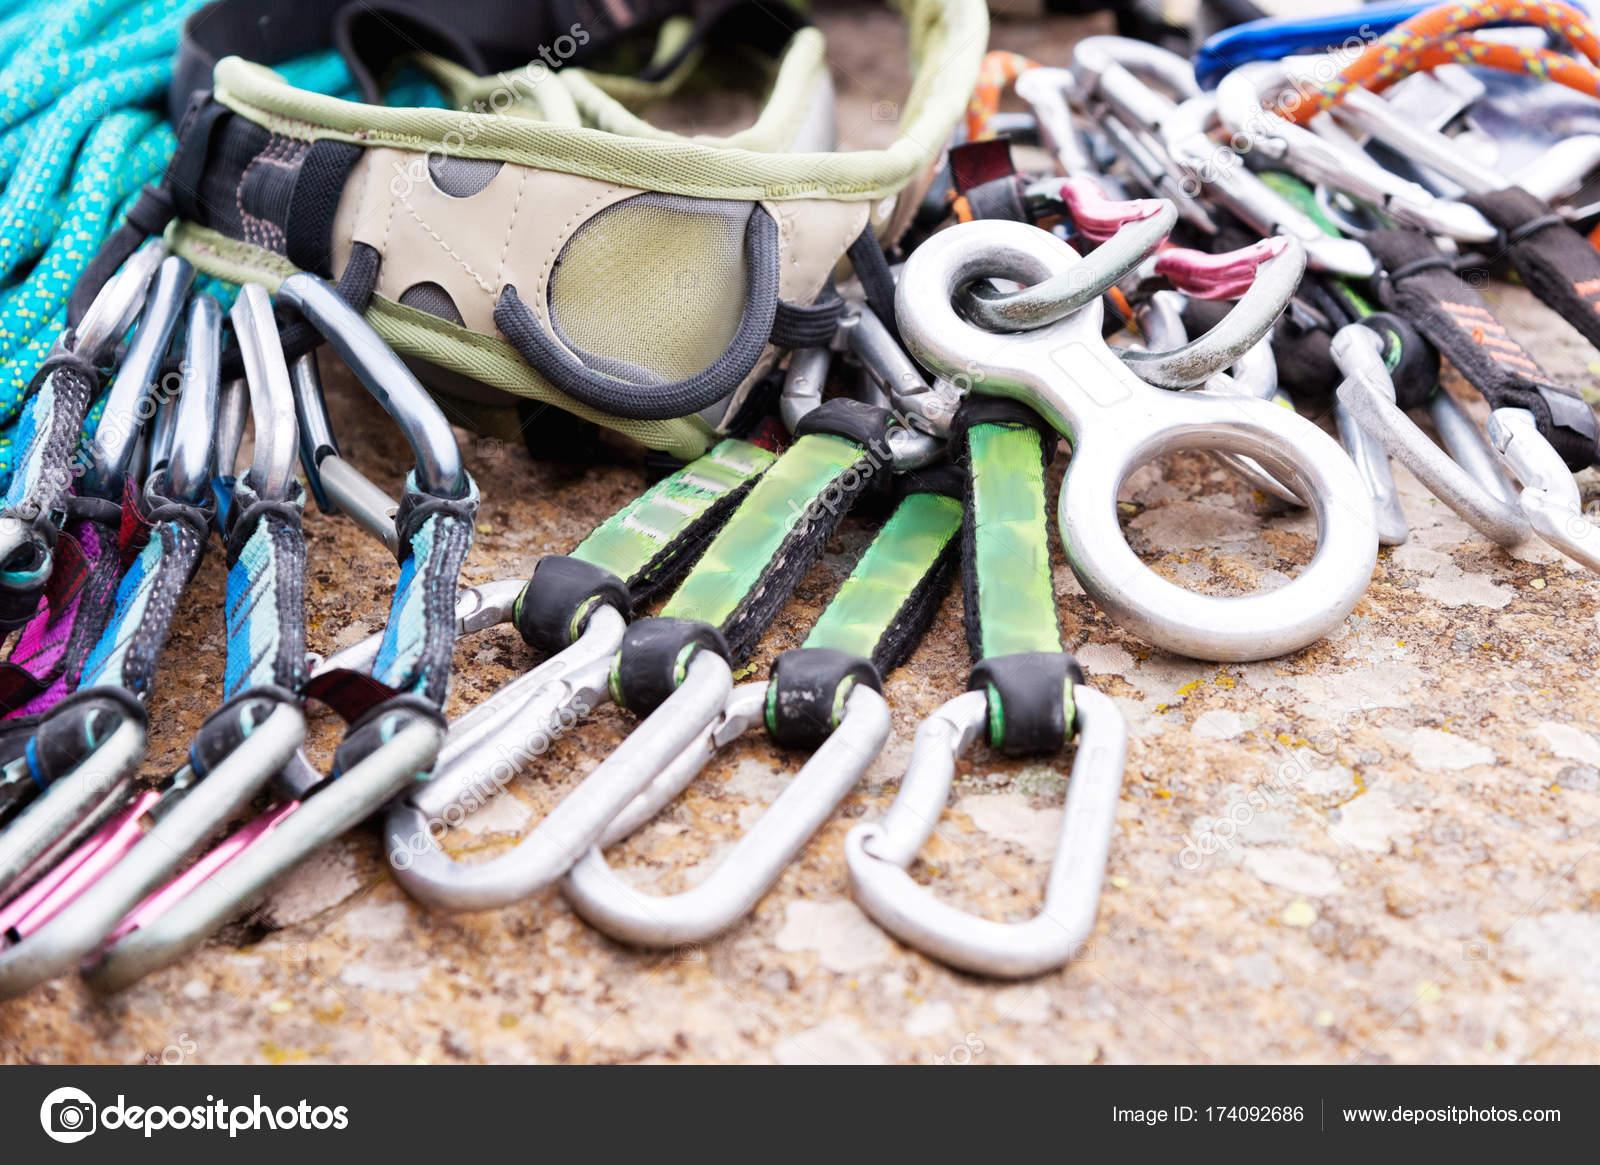 Klettergurt Seil : Kletterausrüstung einem klettergurt und seil neben liegen